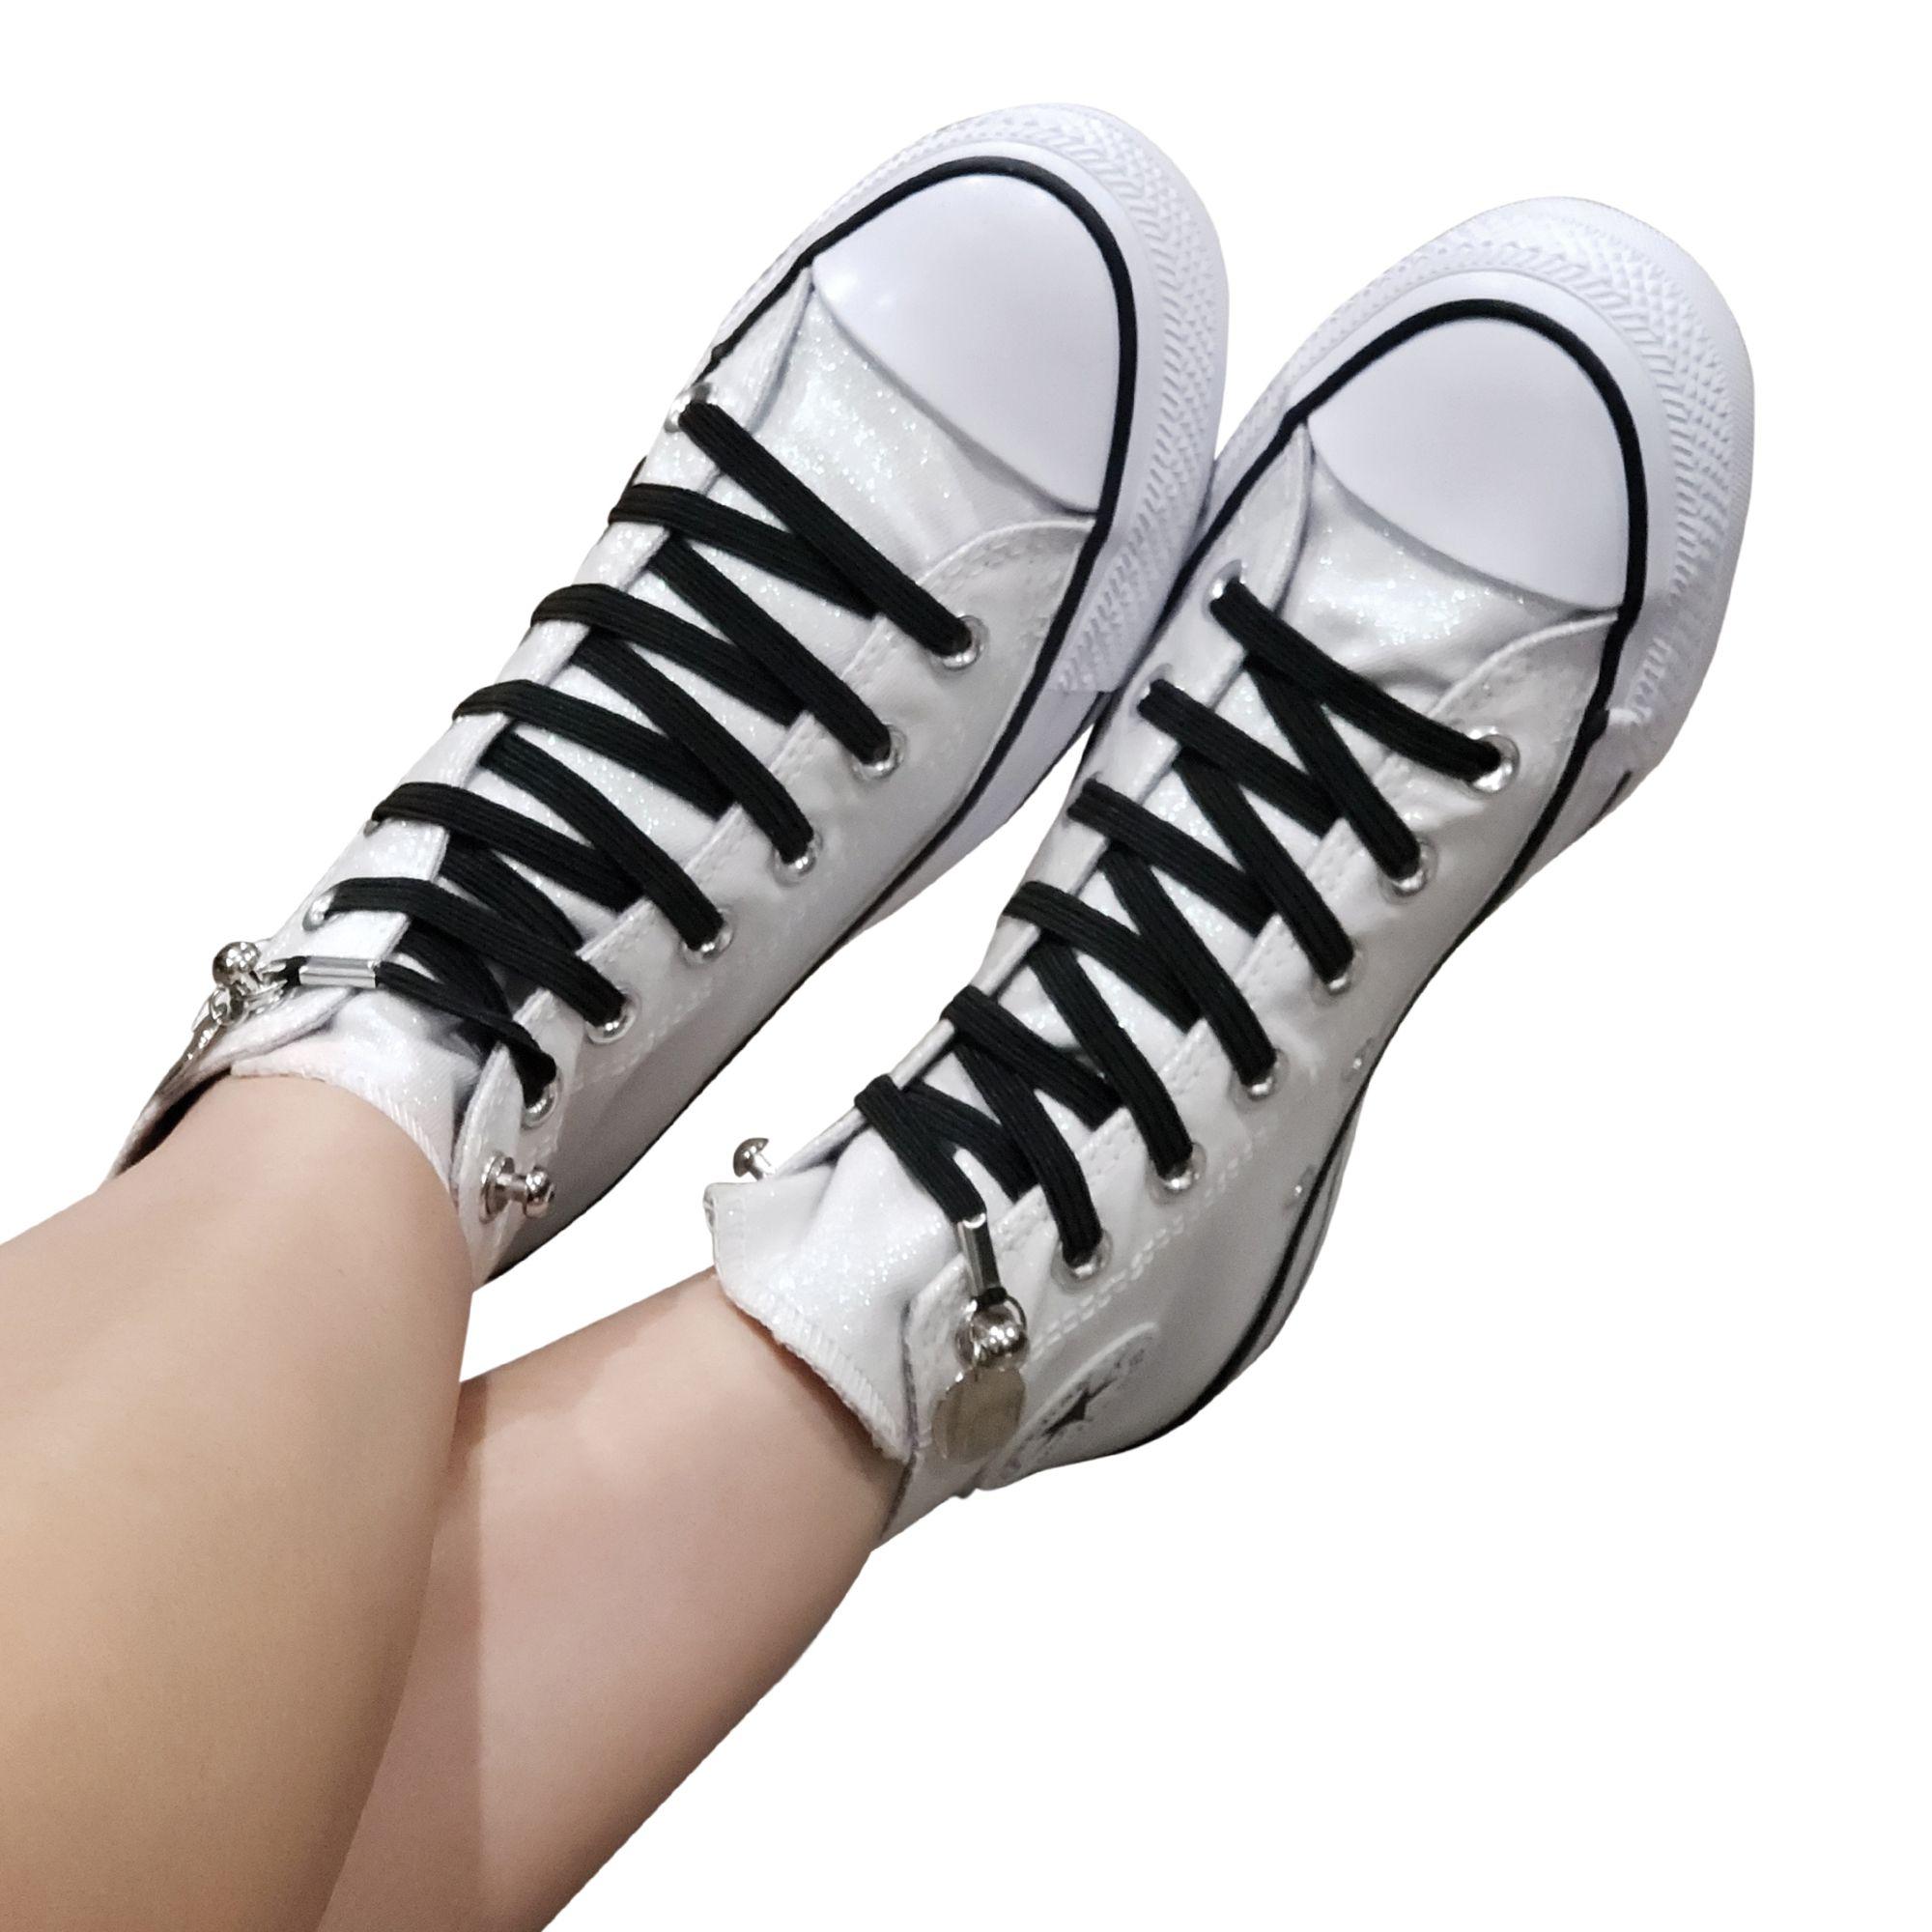 No Tie Shoelaces on Converse High Top